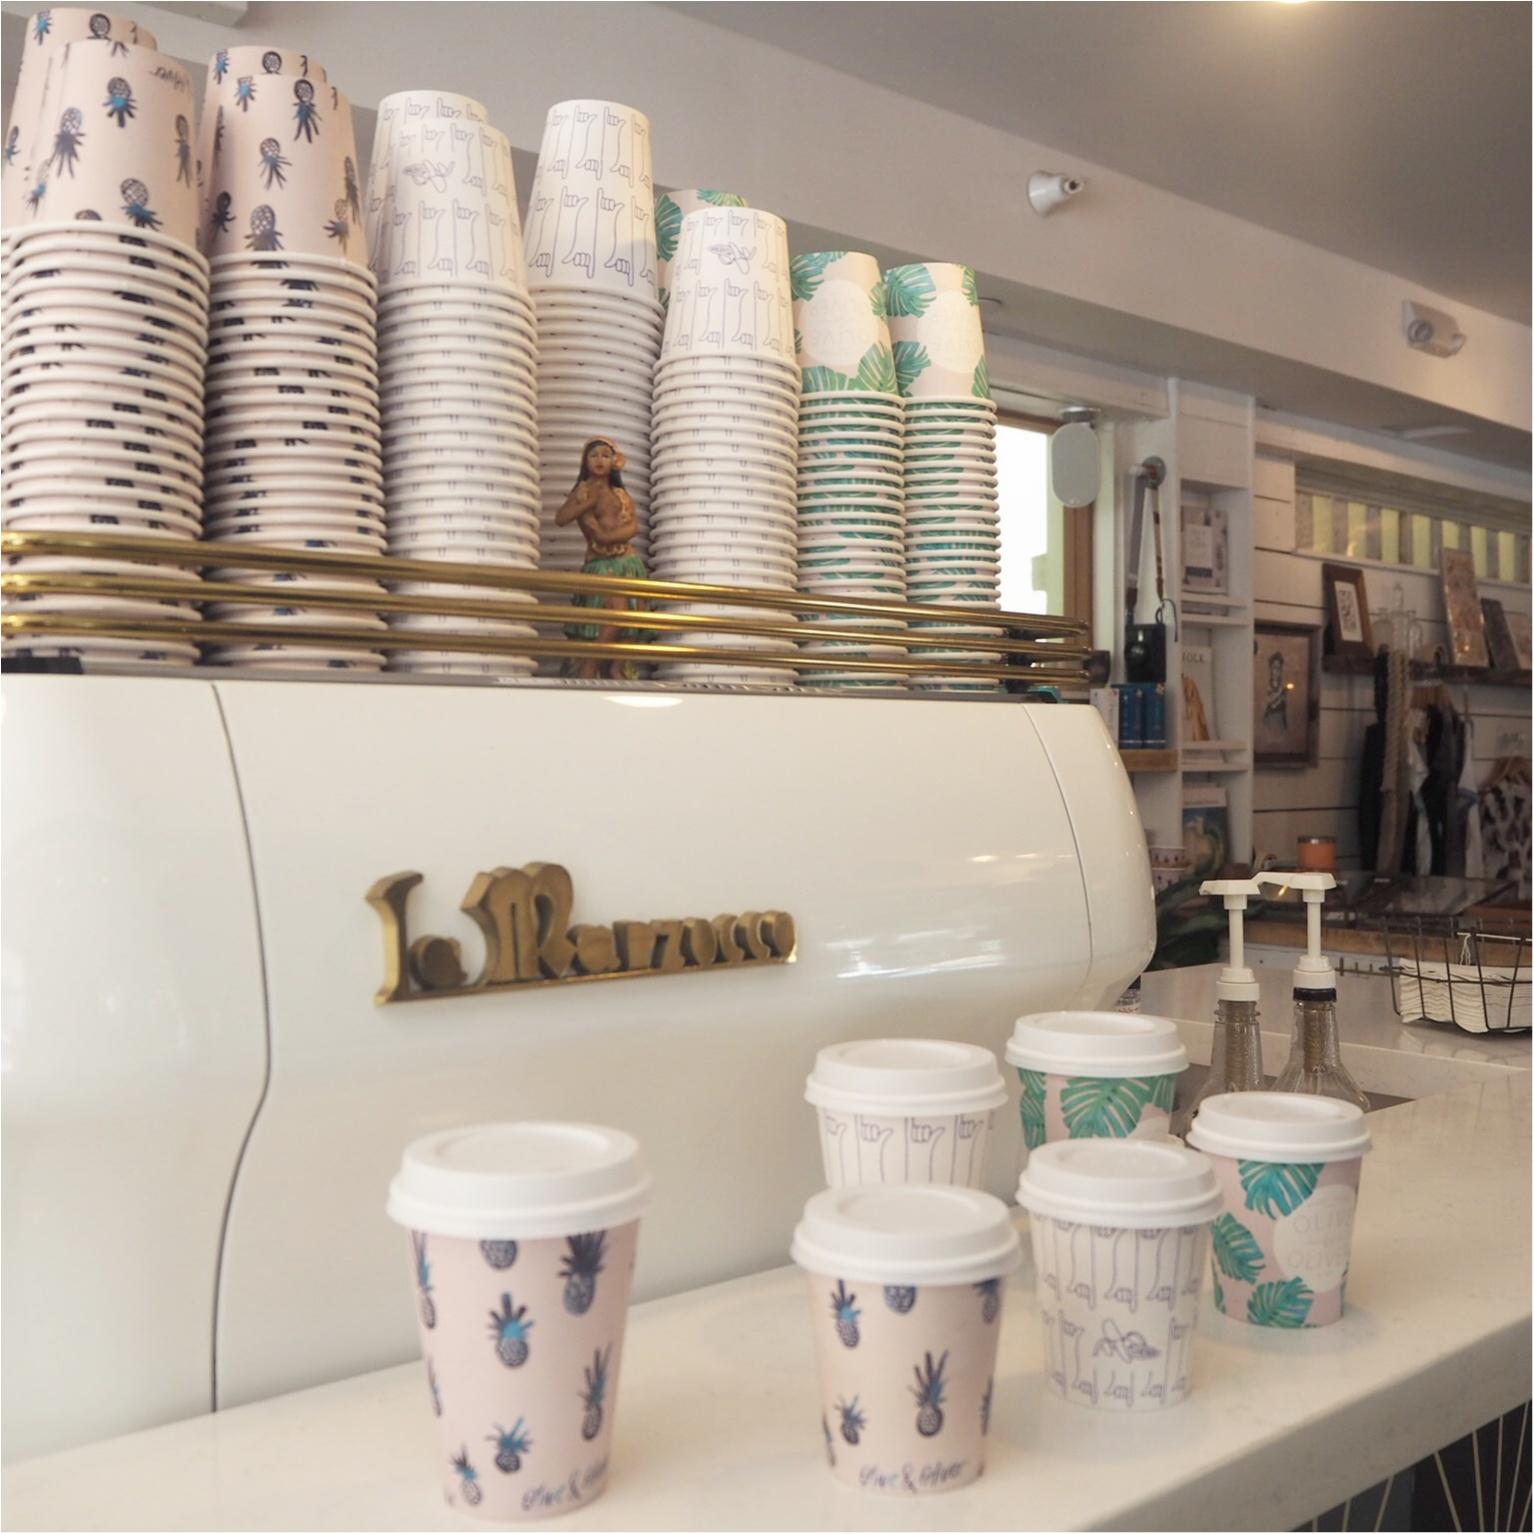 ハワイ/ホノルルをおさんぽ♪カップがかわいいと話題のコーヒースタンド♡_9